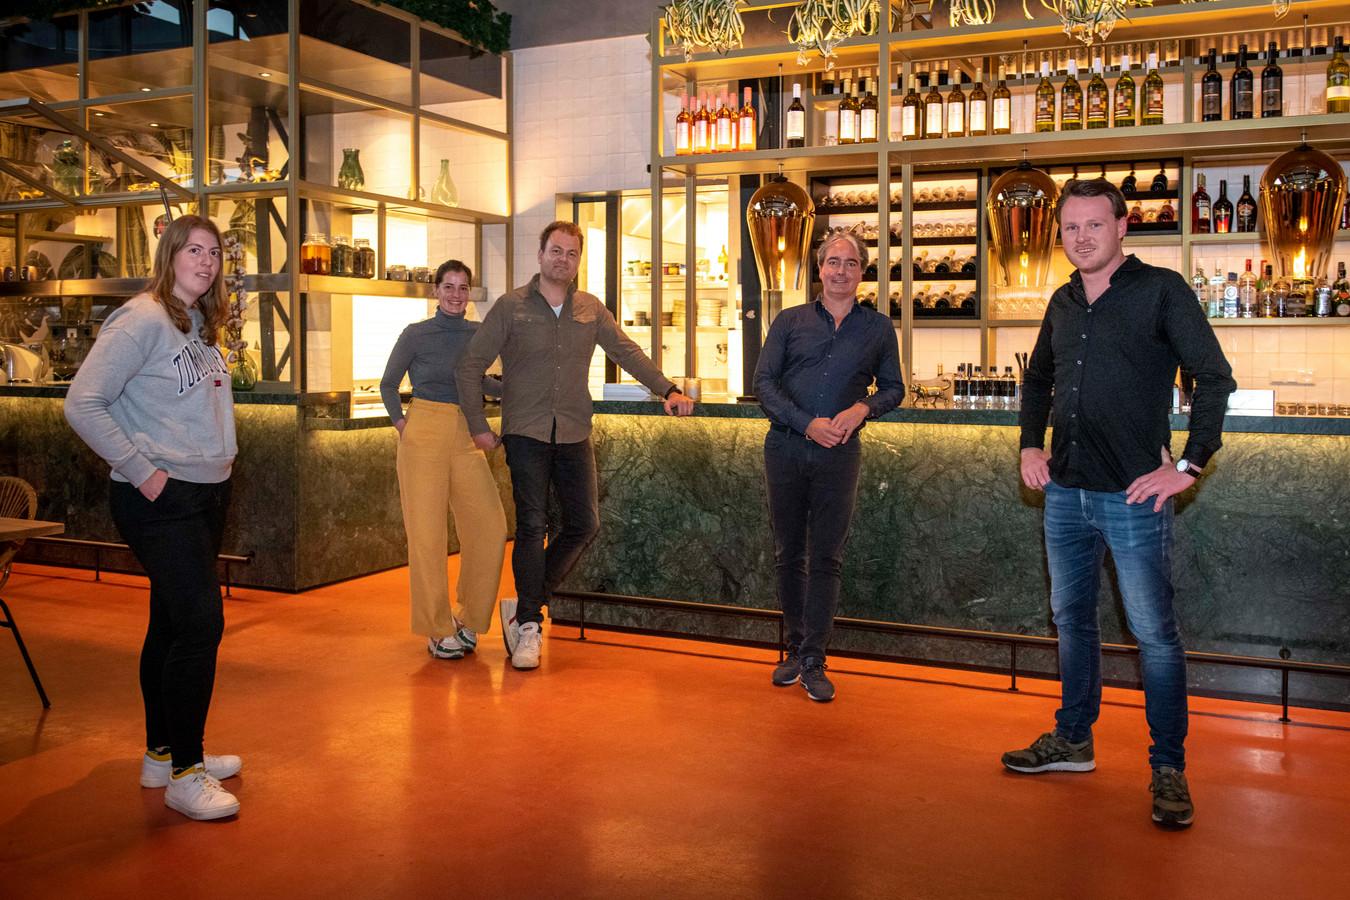 Katoen en Codium op de restaurantvloer. Vlnr: sous-chef Manouk Wols van Codium,  Vivian Diephout en Ron Diephout van Katoen, gastheer Jean Luc Etiennee en chef-kok Wouter Kik van Codium.